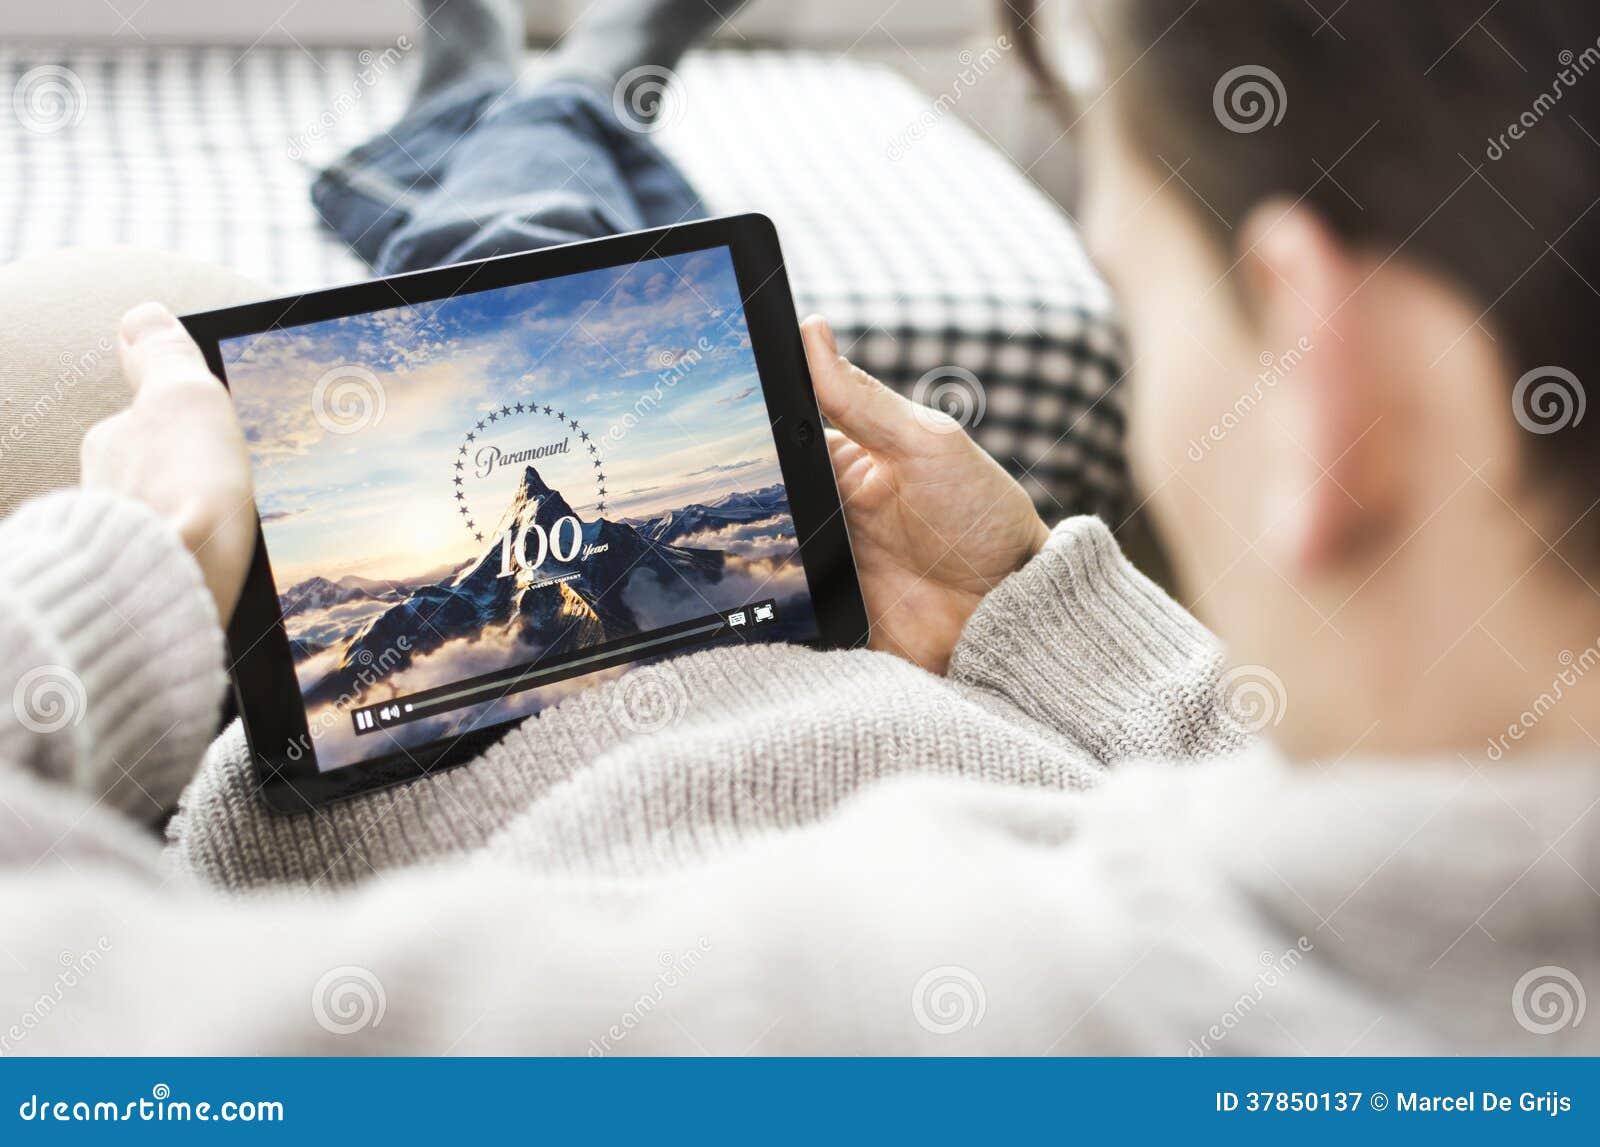 Filme de observação no iPad. Paramount Pictures